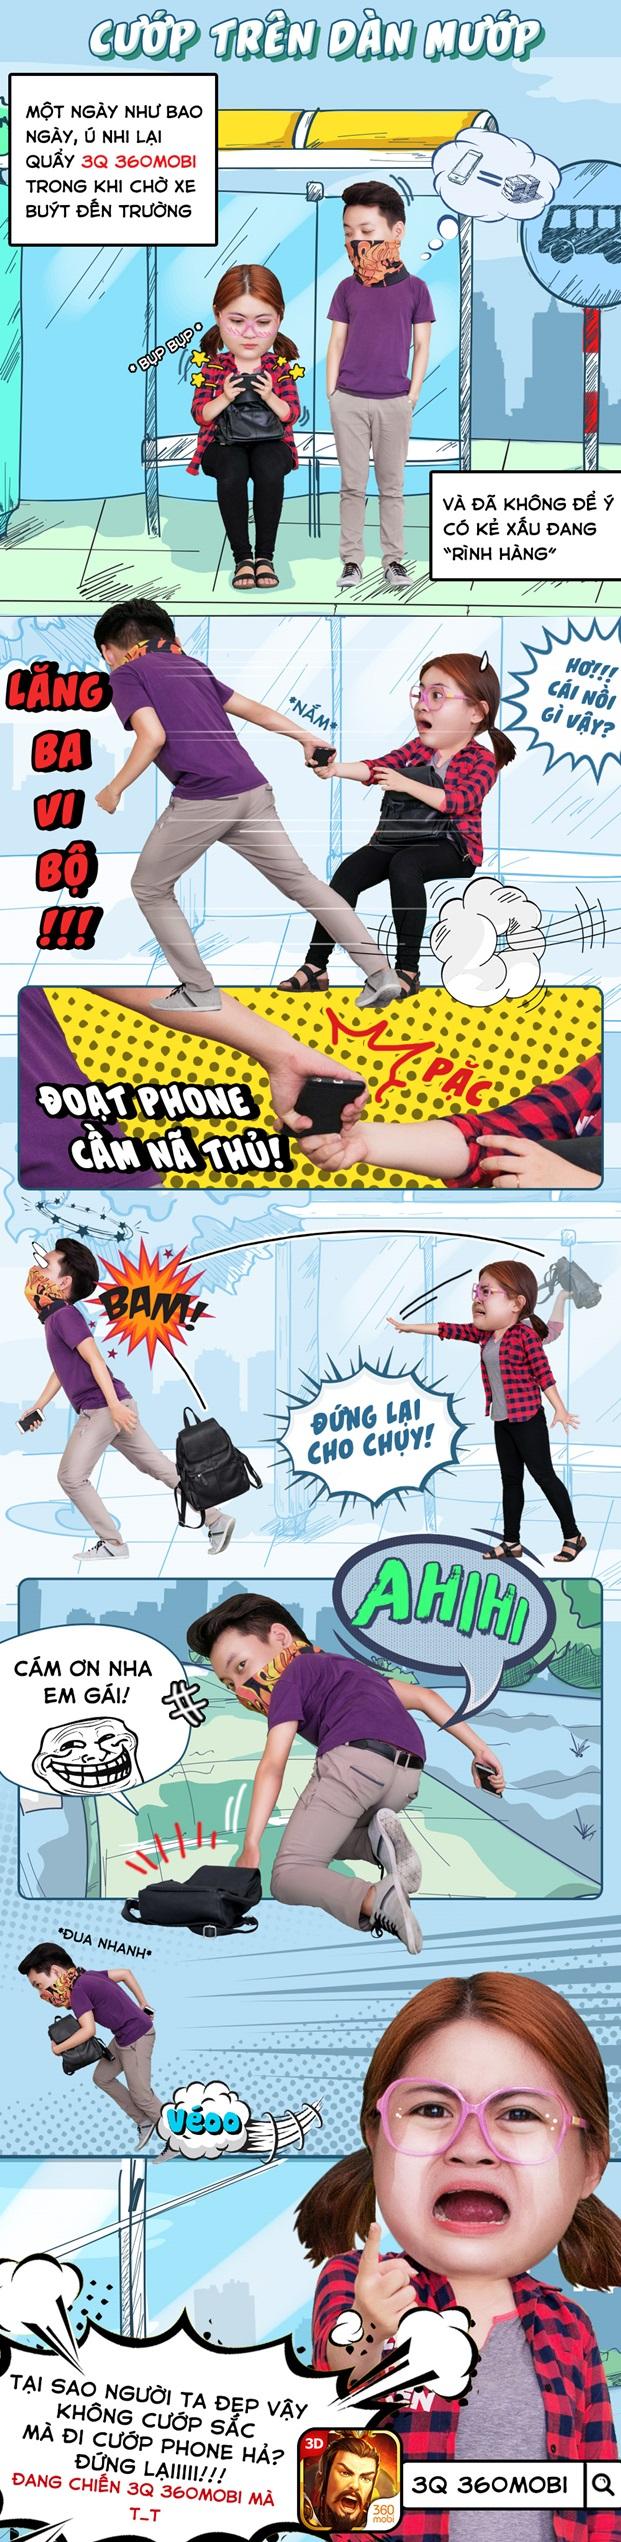 Đắng lòng khi sắc không cướp mà bị cướp mất điện thoại có cài 3Q 360mobi